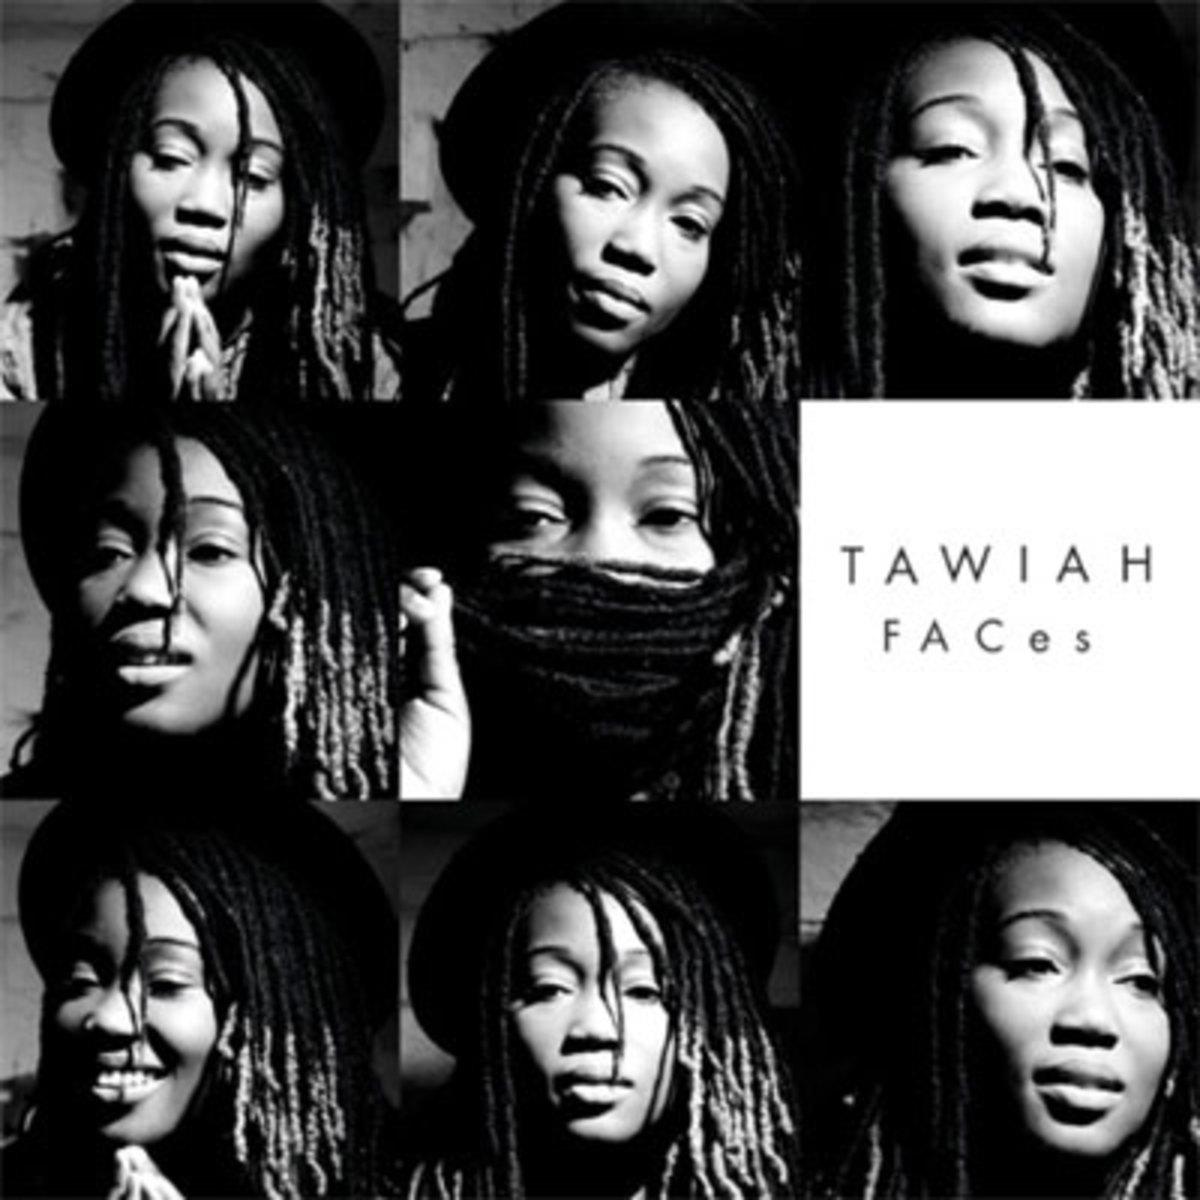 tawiah-faces.jpg